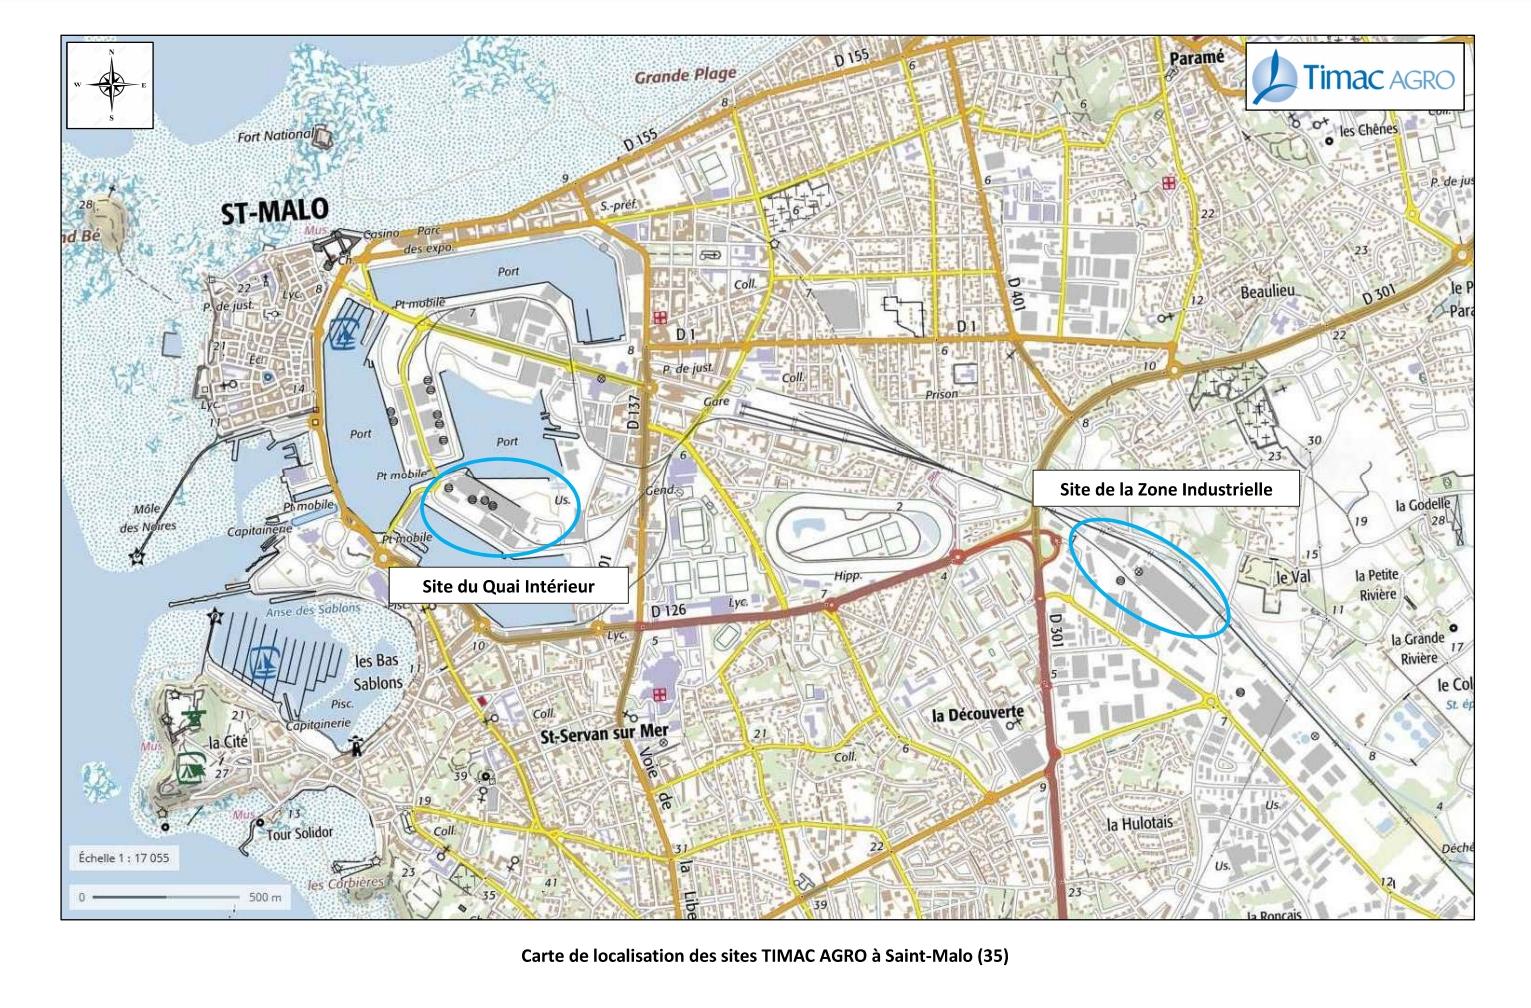 210616 - Splann ! Plan des sites Timac Agro à Saint-Malo